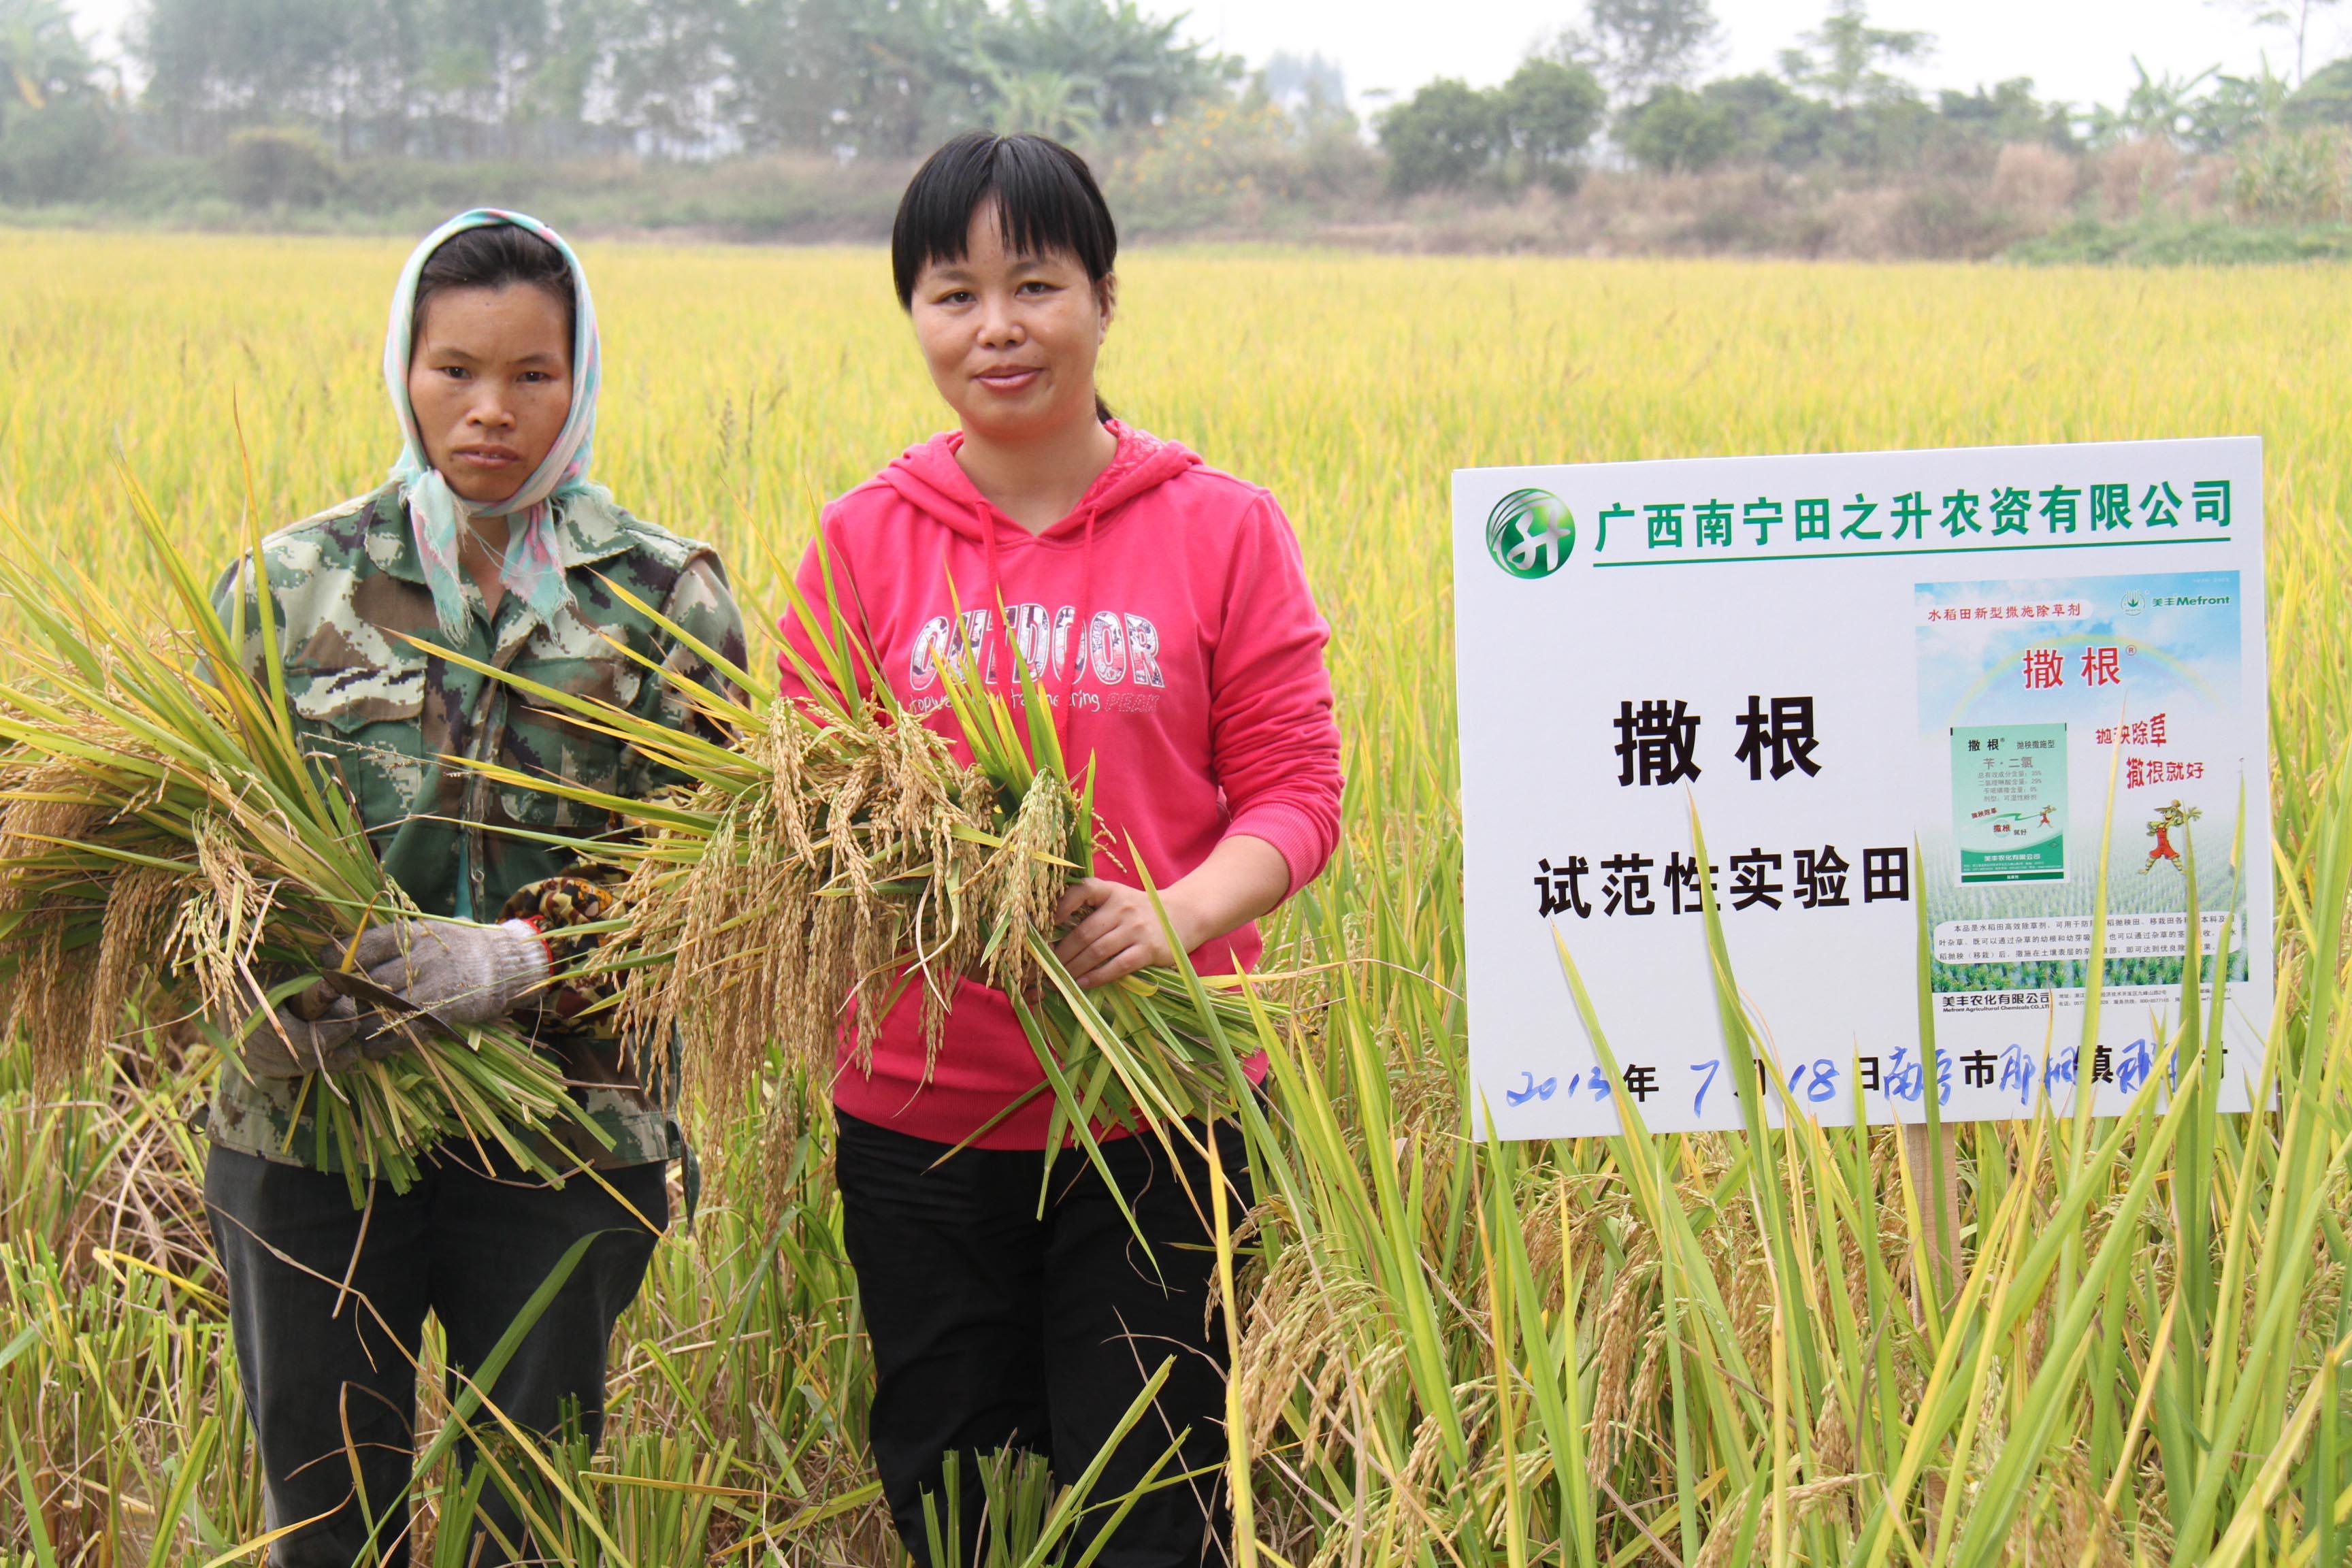 广西农业行业协会副会长单位—南宁田之升农资有限公司总经理李凯霞